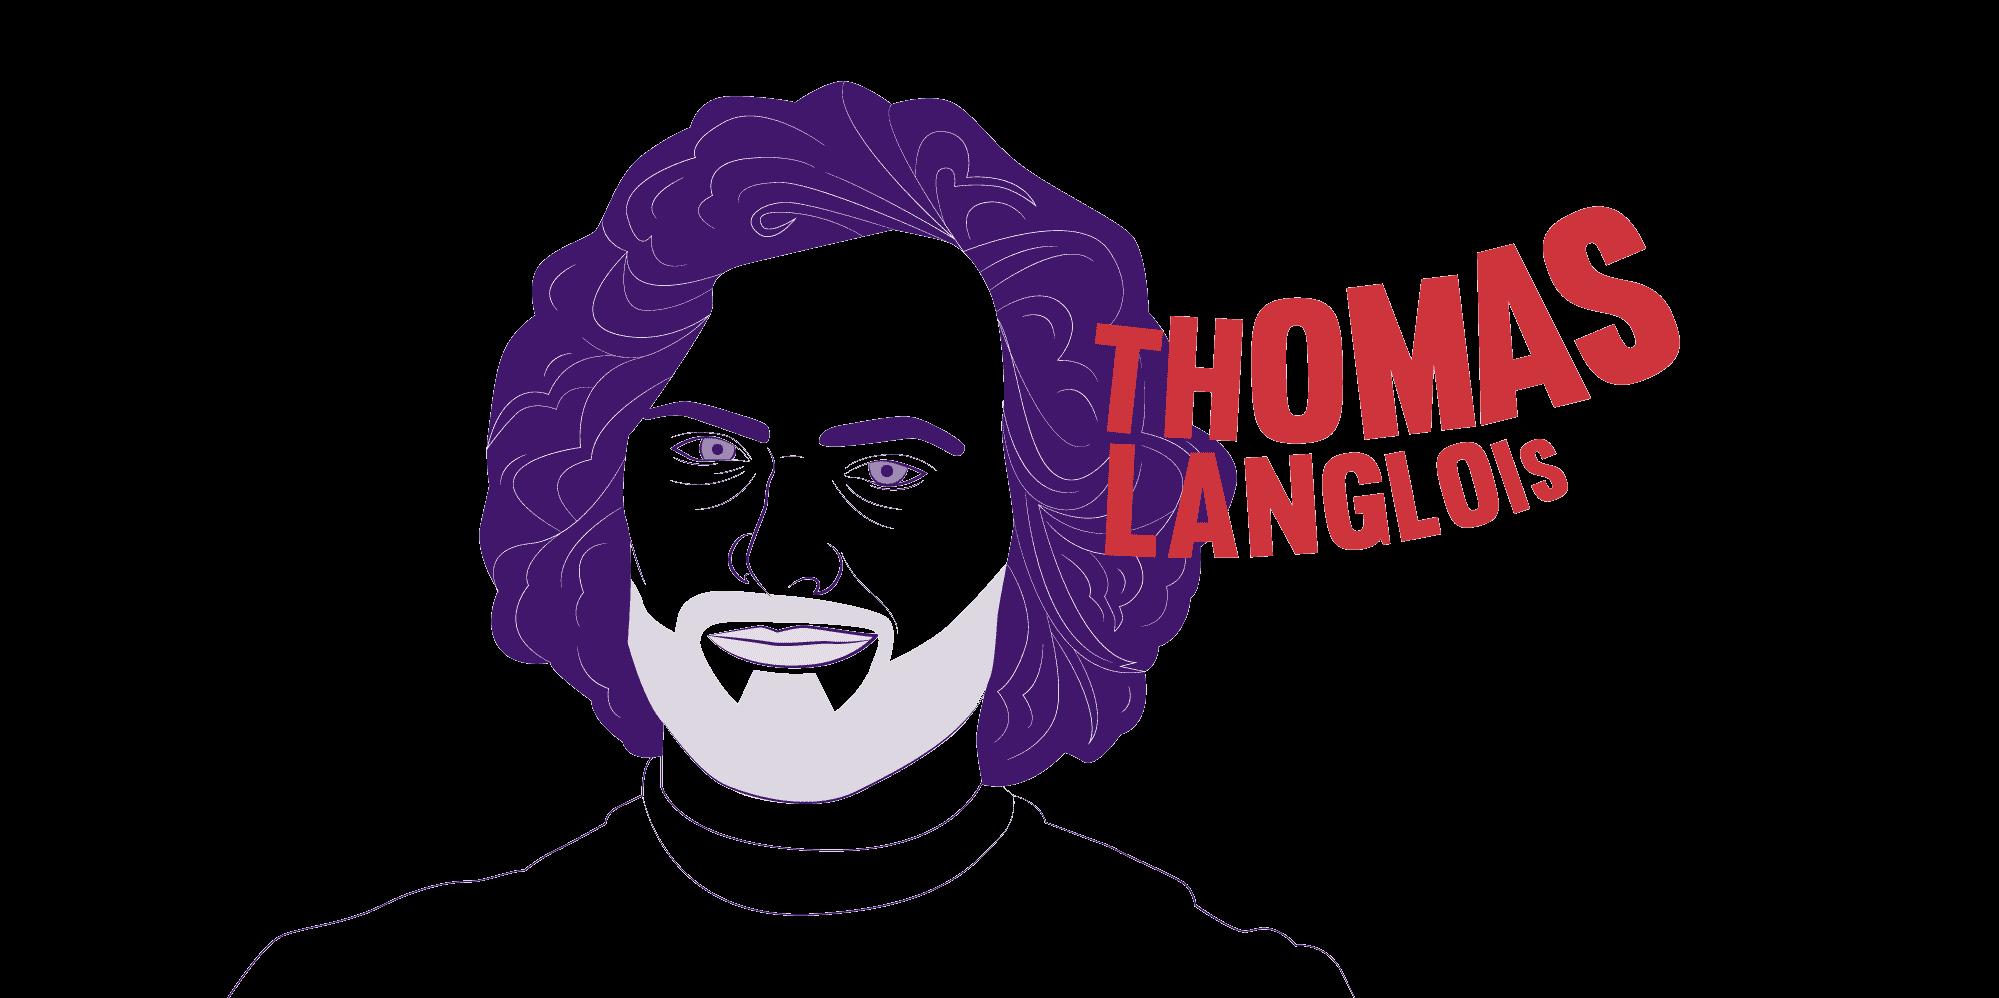 Thomas Langlois